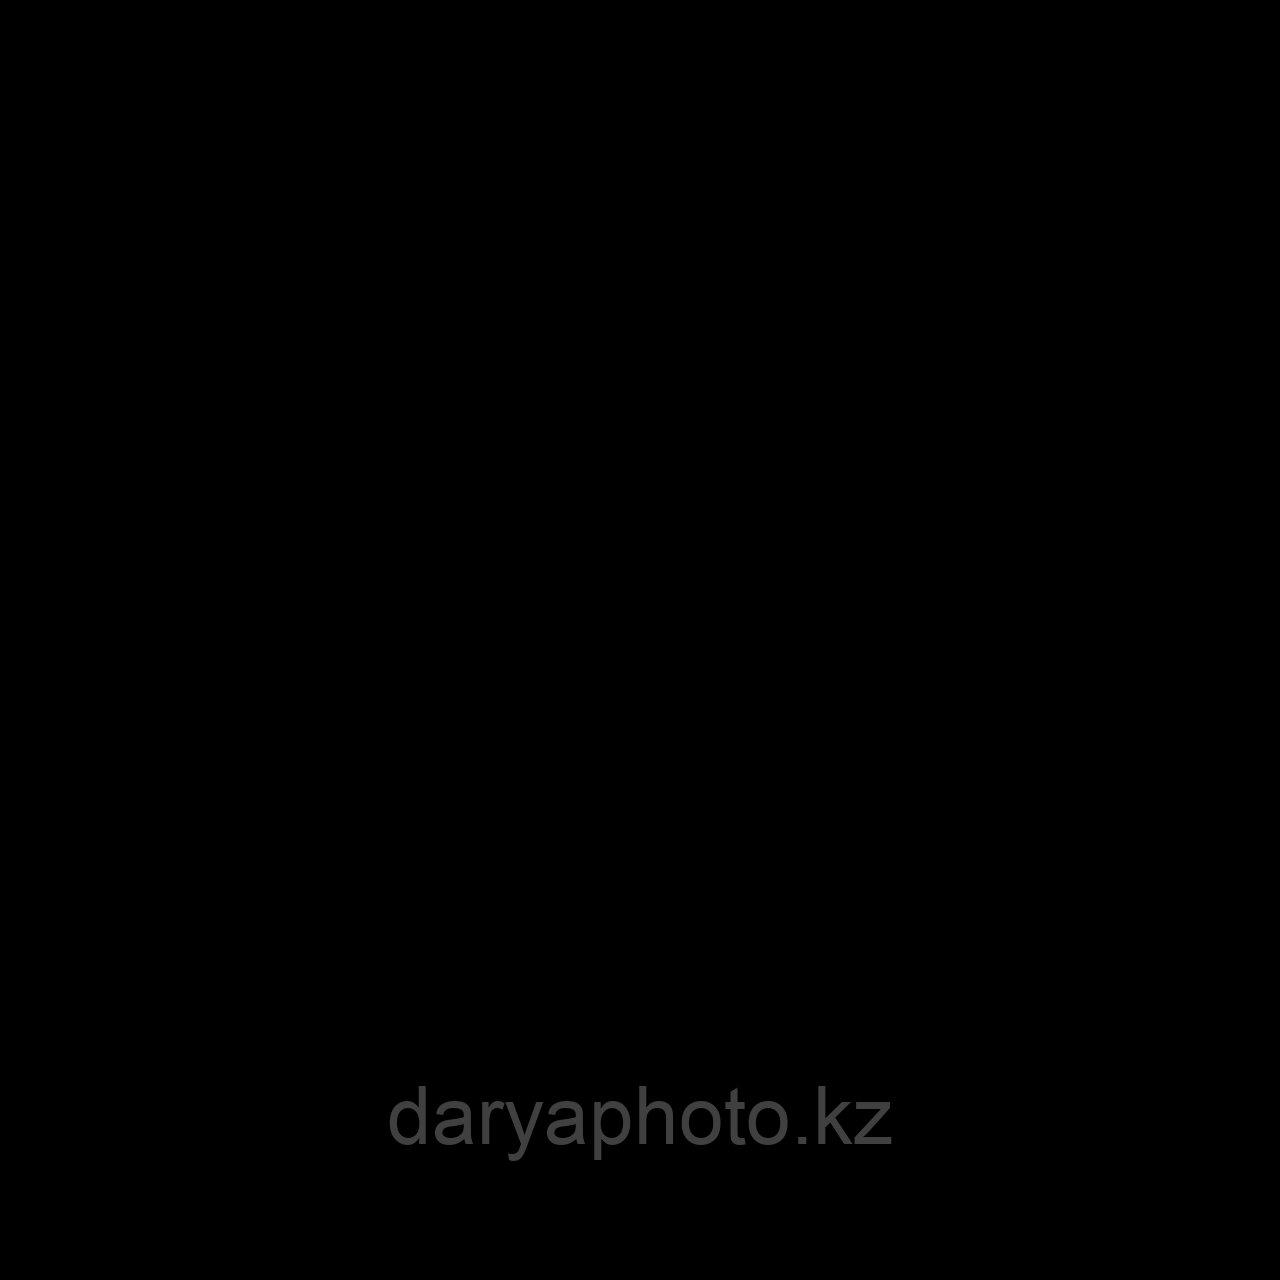 Черный Фон бумажный. Фотофон. Фон для фотостудии